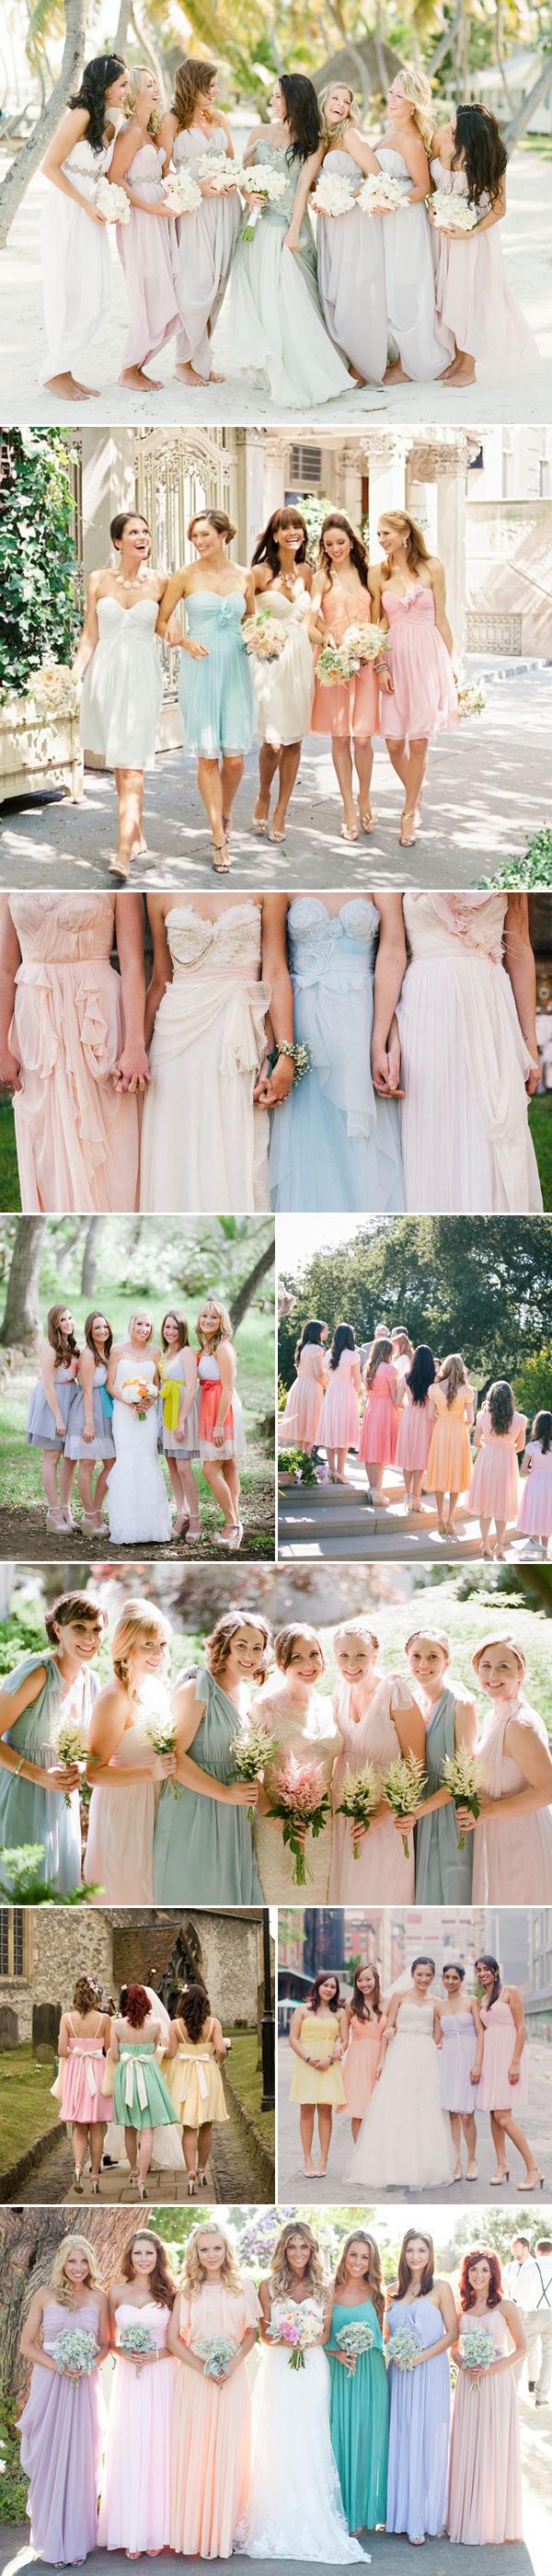 Mismatched pastel bridesmaid dresses trend 2015-109-jane0229